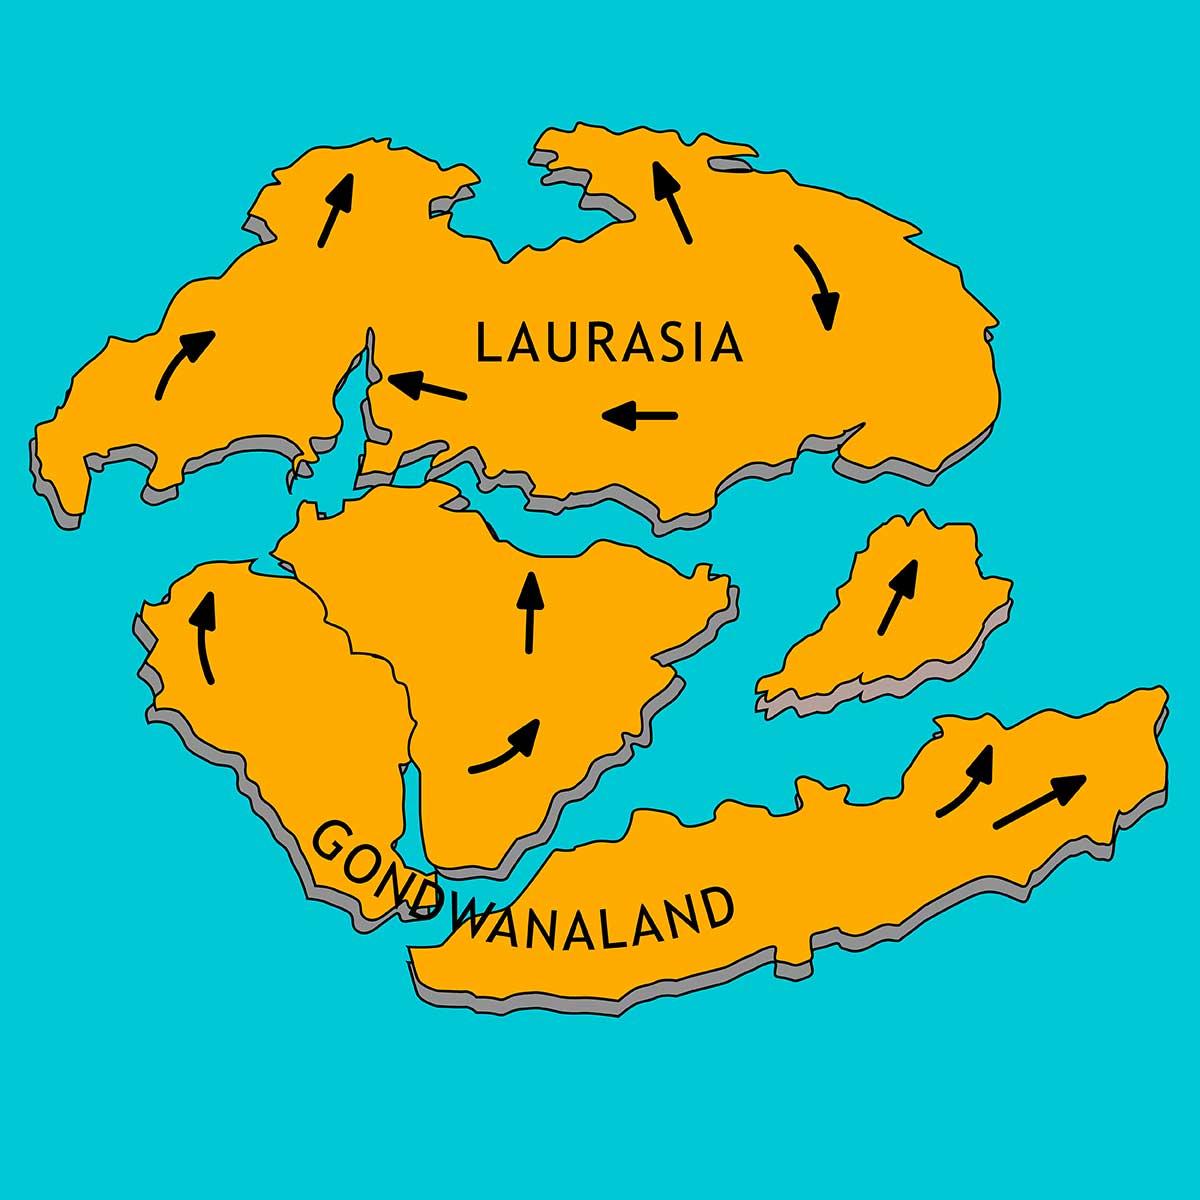 カンブリア紀の地球環境